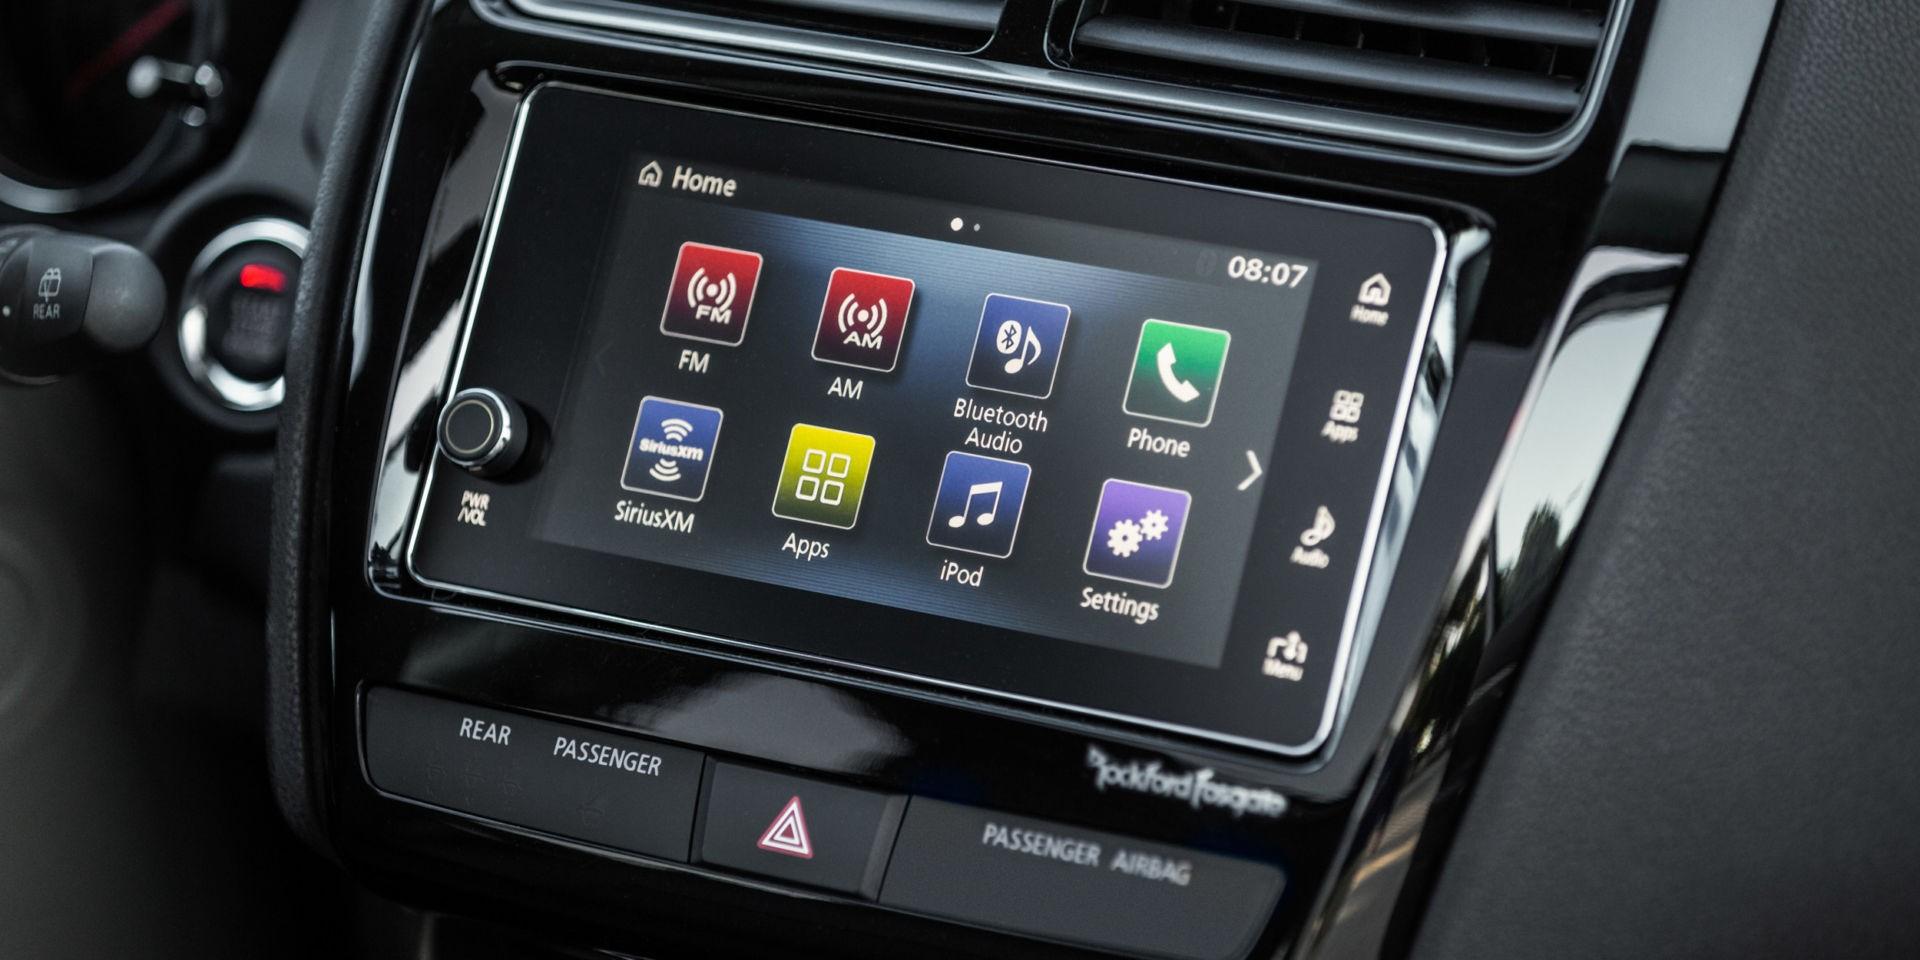 Смотри! Обновленный внедорожник Mitsubishi ASX 2019 модельного года